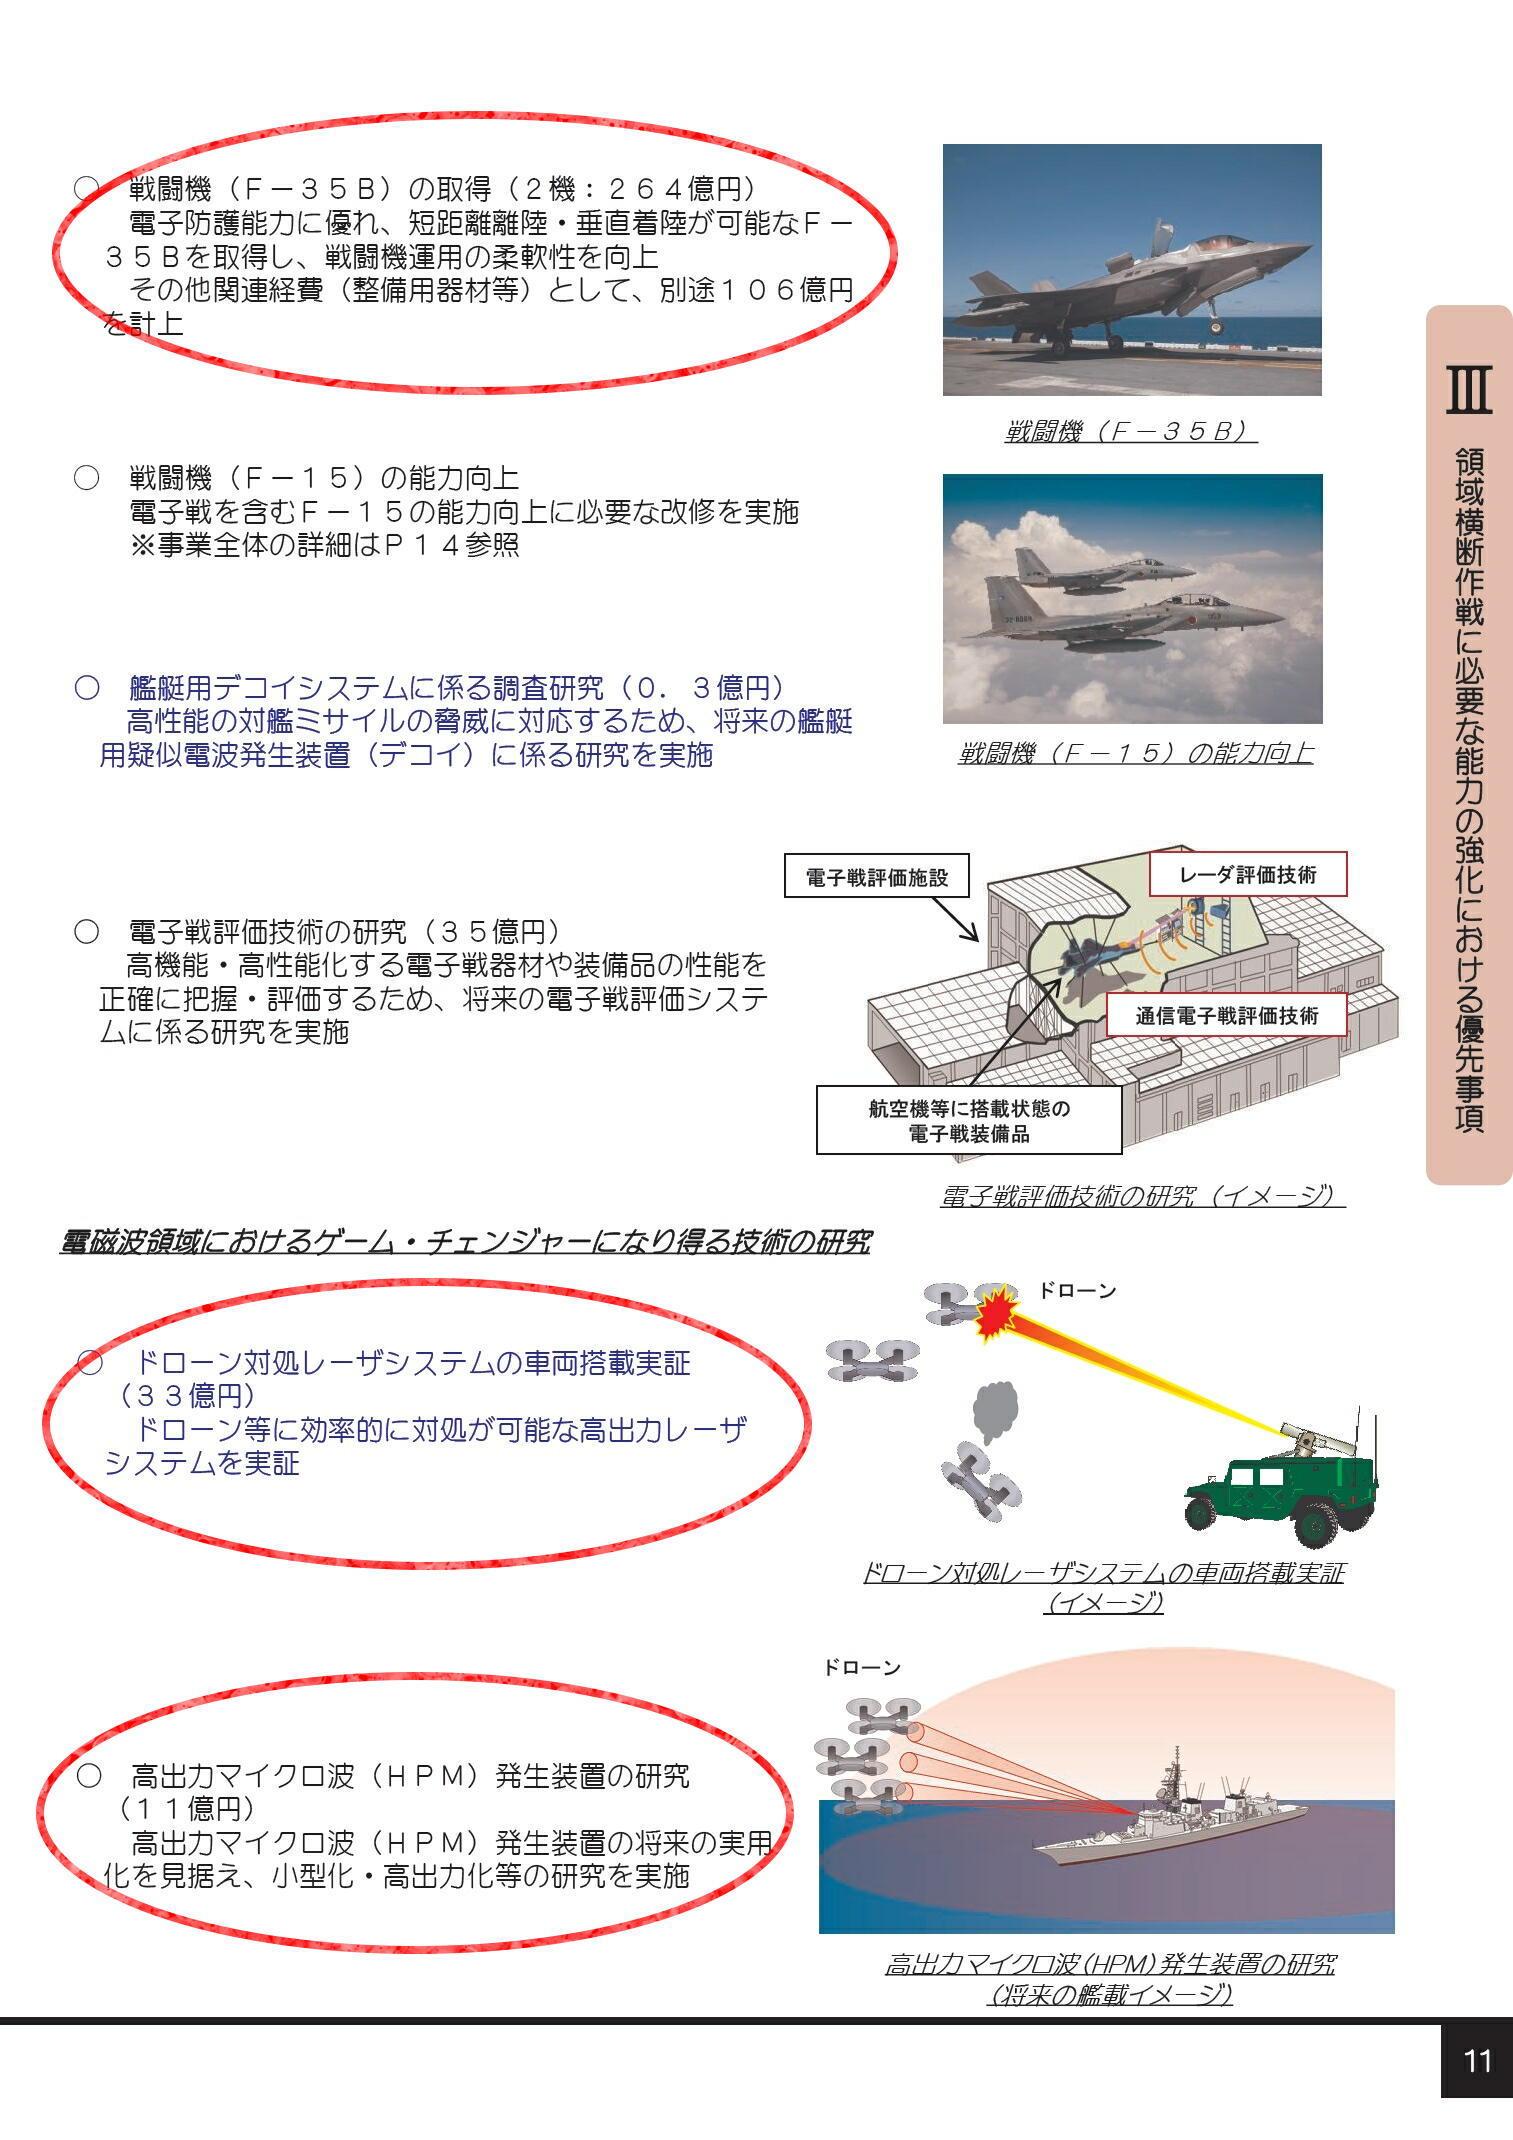 2021年度防衛省概算要求の概要0015